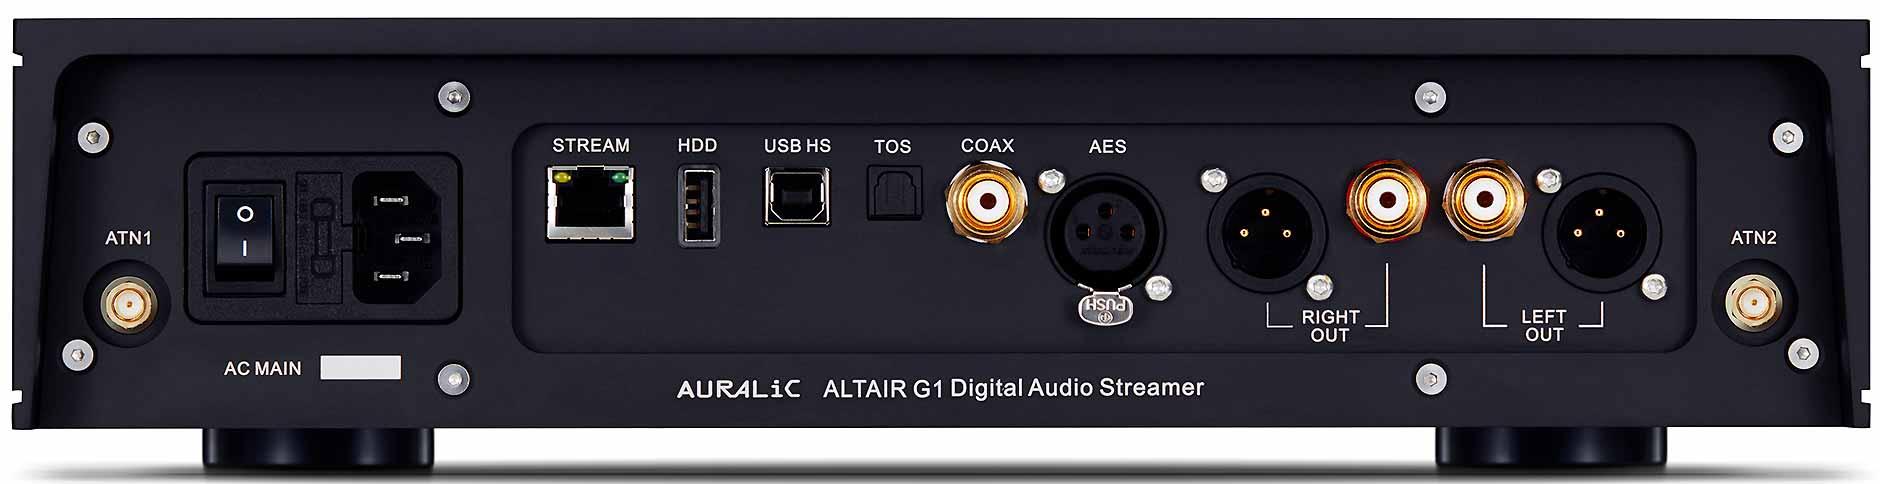 Lecteur réseau audio avec DAC Sabre intégré 24 bits / 384 kHz et DSD512. Ecran en façade. Emplacement disque dur et disque mémoire SSD. Nombreuses entrées audio numérique.